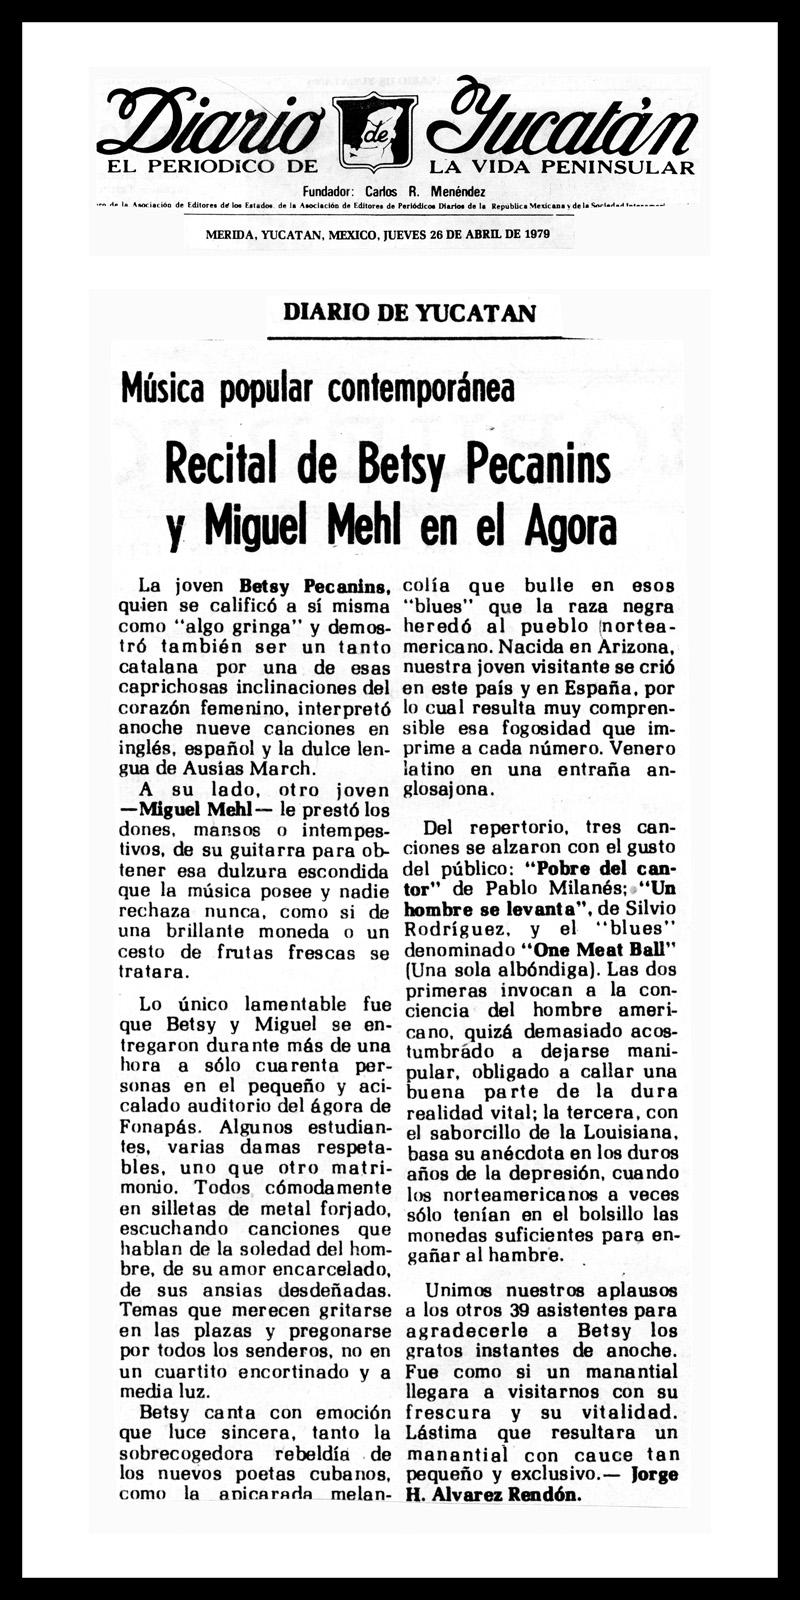 1979_Diario-De-Yucatan_Michael-Mehl_Betsy-Pecanins_Fonagora-Concert